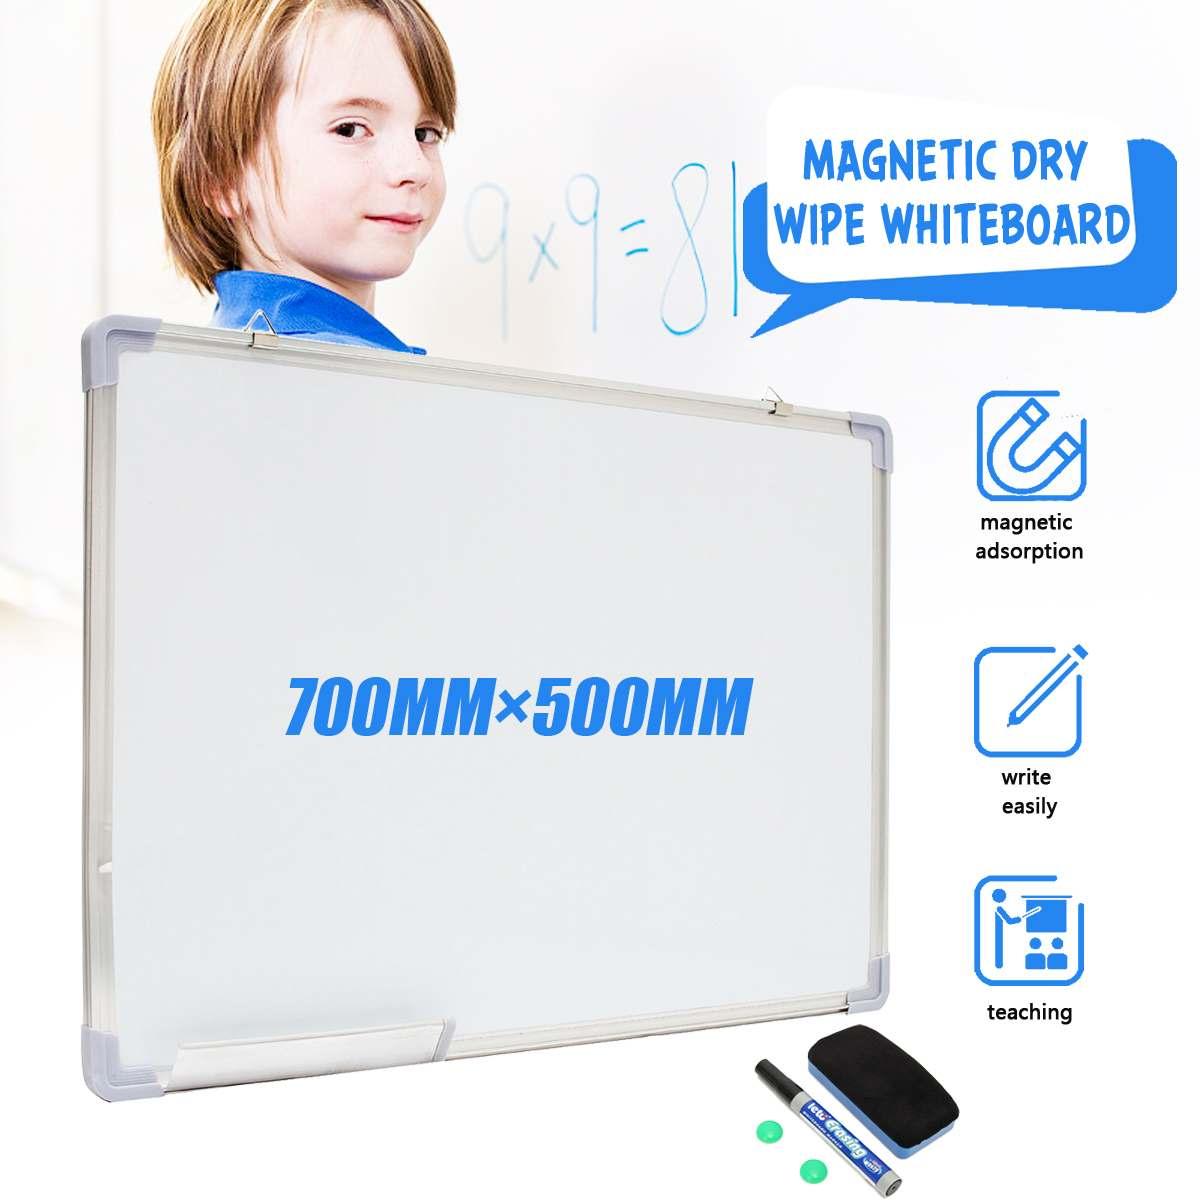 Pizarra blanca magnética de 500x700MM, tablero de escritura de doble cara con botones imanes de borrado de bolígrafo para oficina y escuela